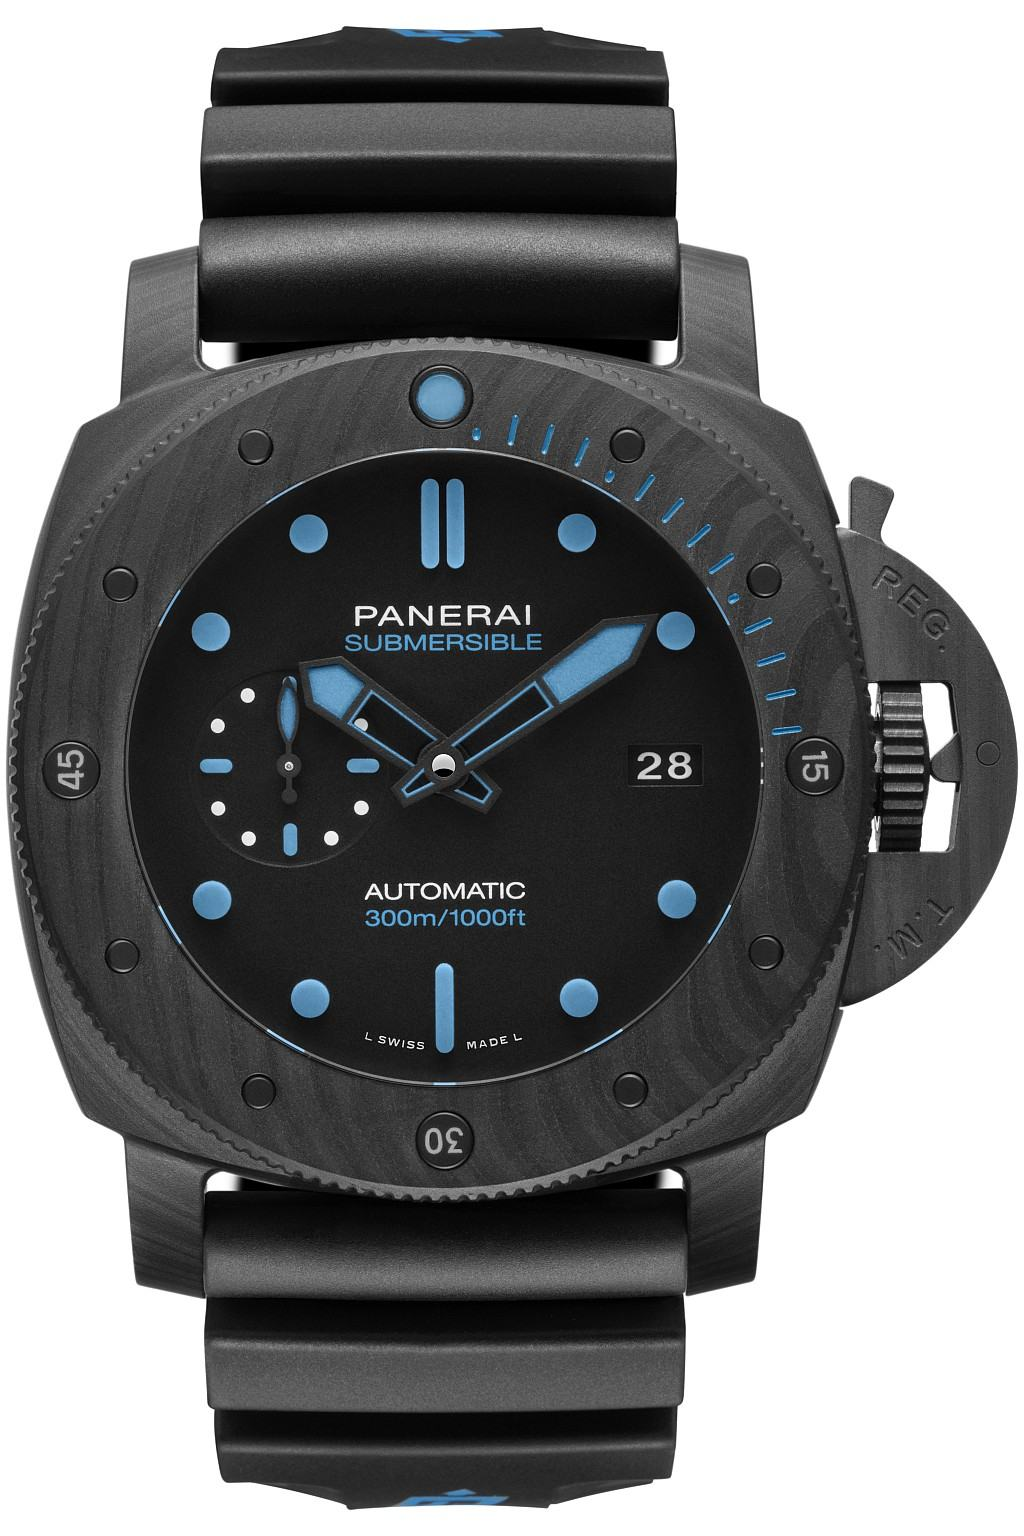 沛納海 Submersible Carbotech 碳纖維專業潛水腕錶 ─ 47毫米 PAM1616